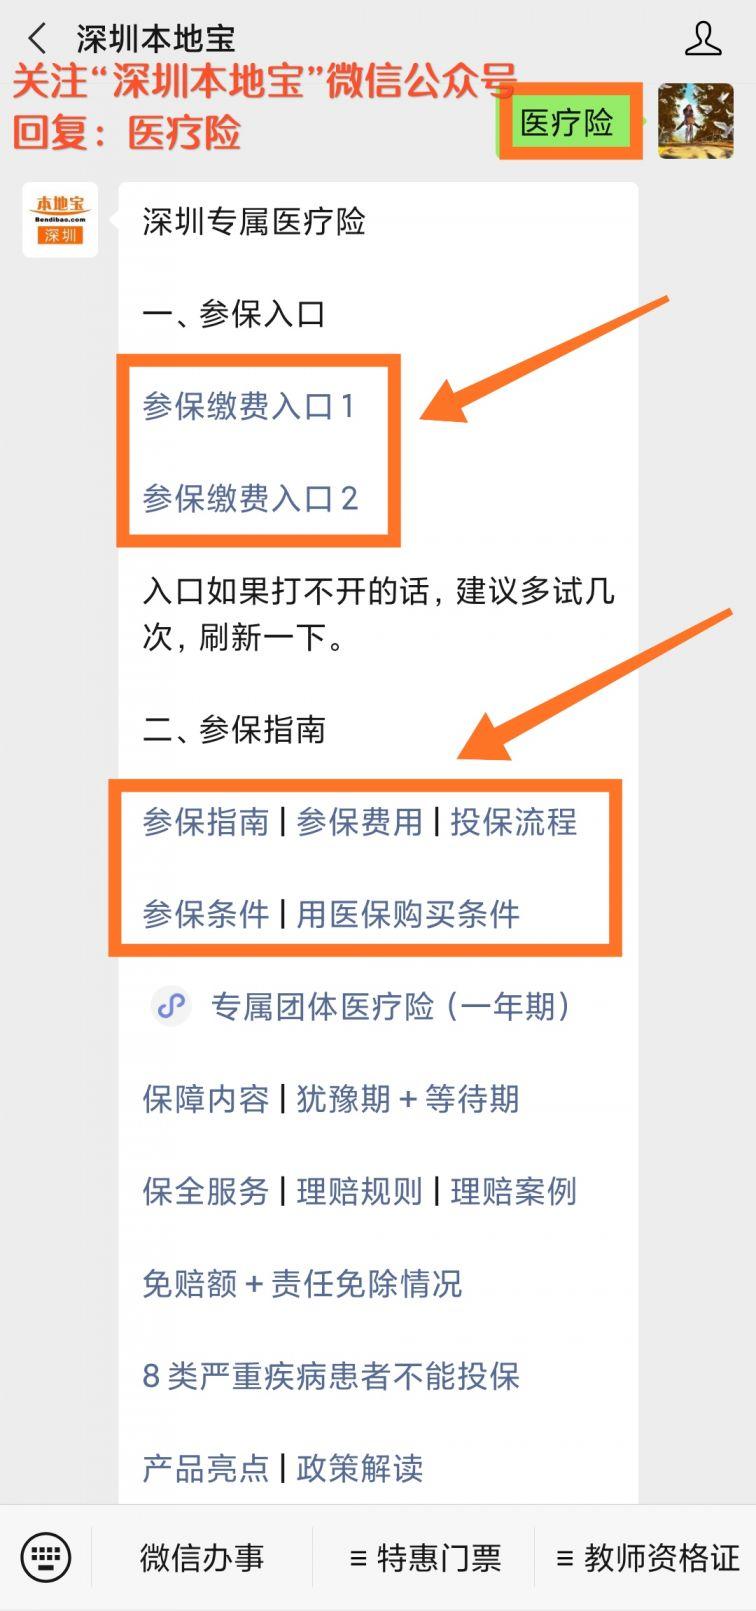 深圳专属医疗险选哪个保险公司比较好